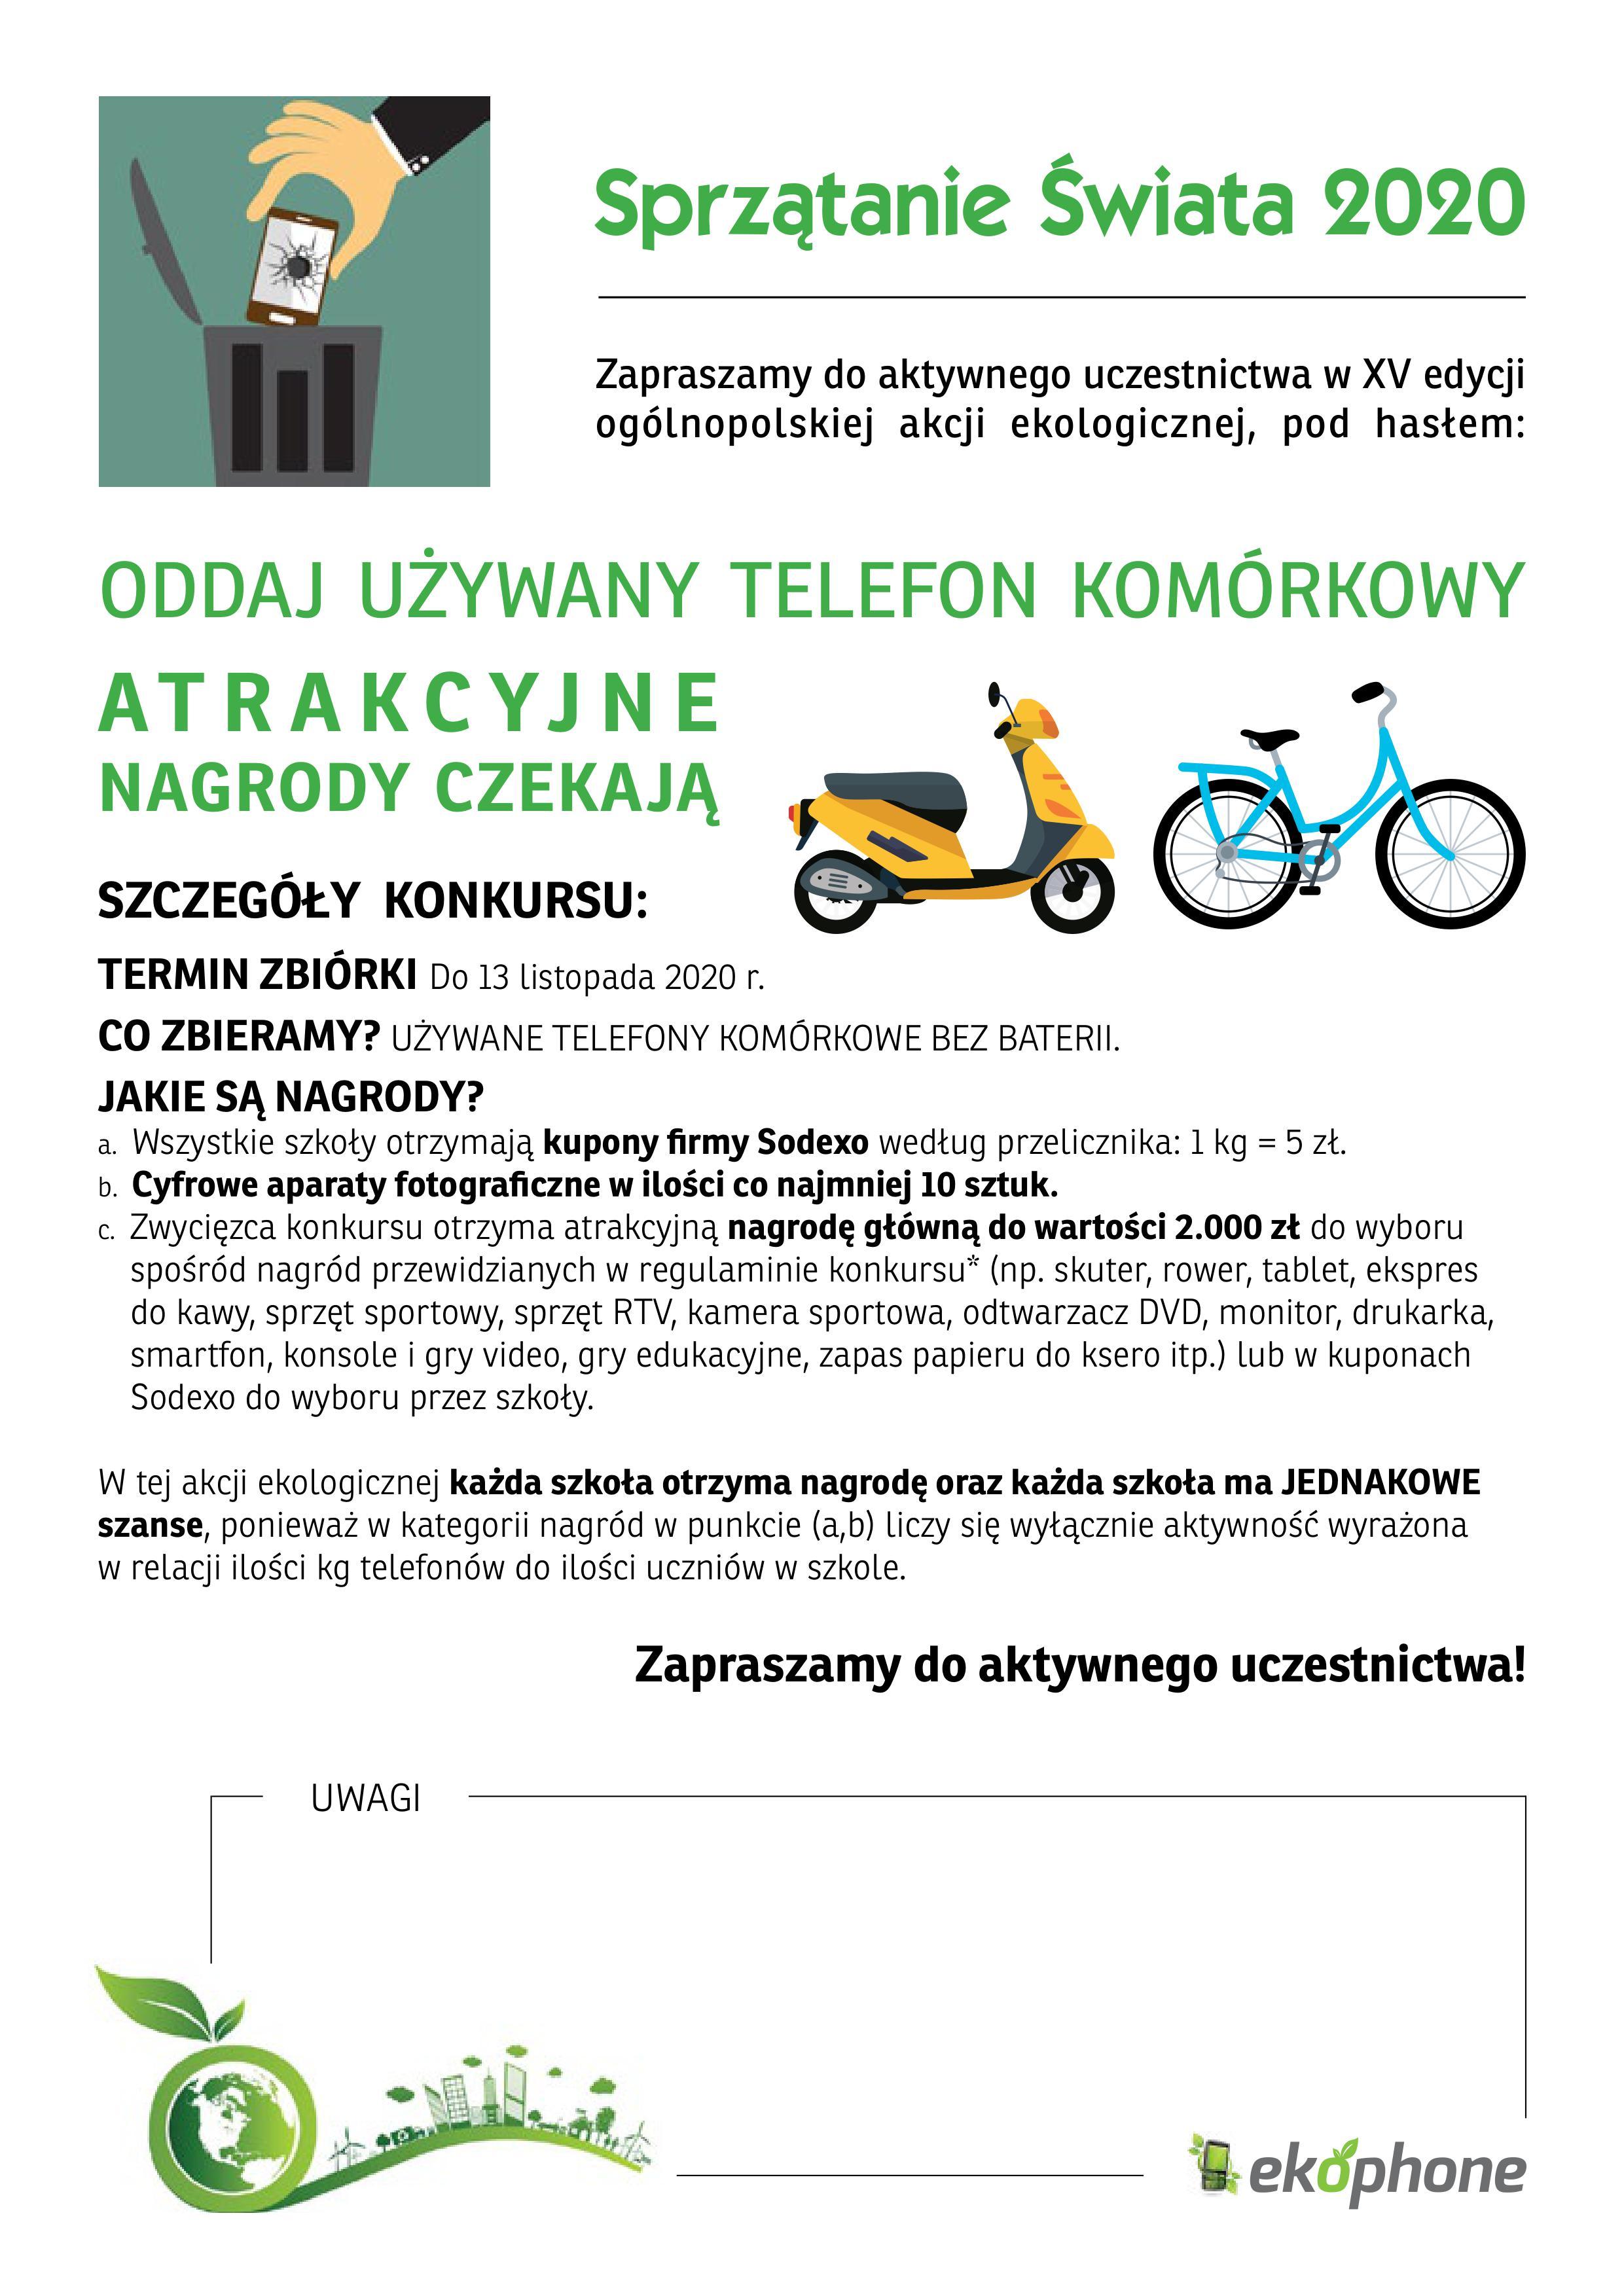 ODDAJ UŻYWANY TELEFON KOMÓRKOWY